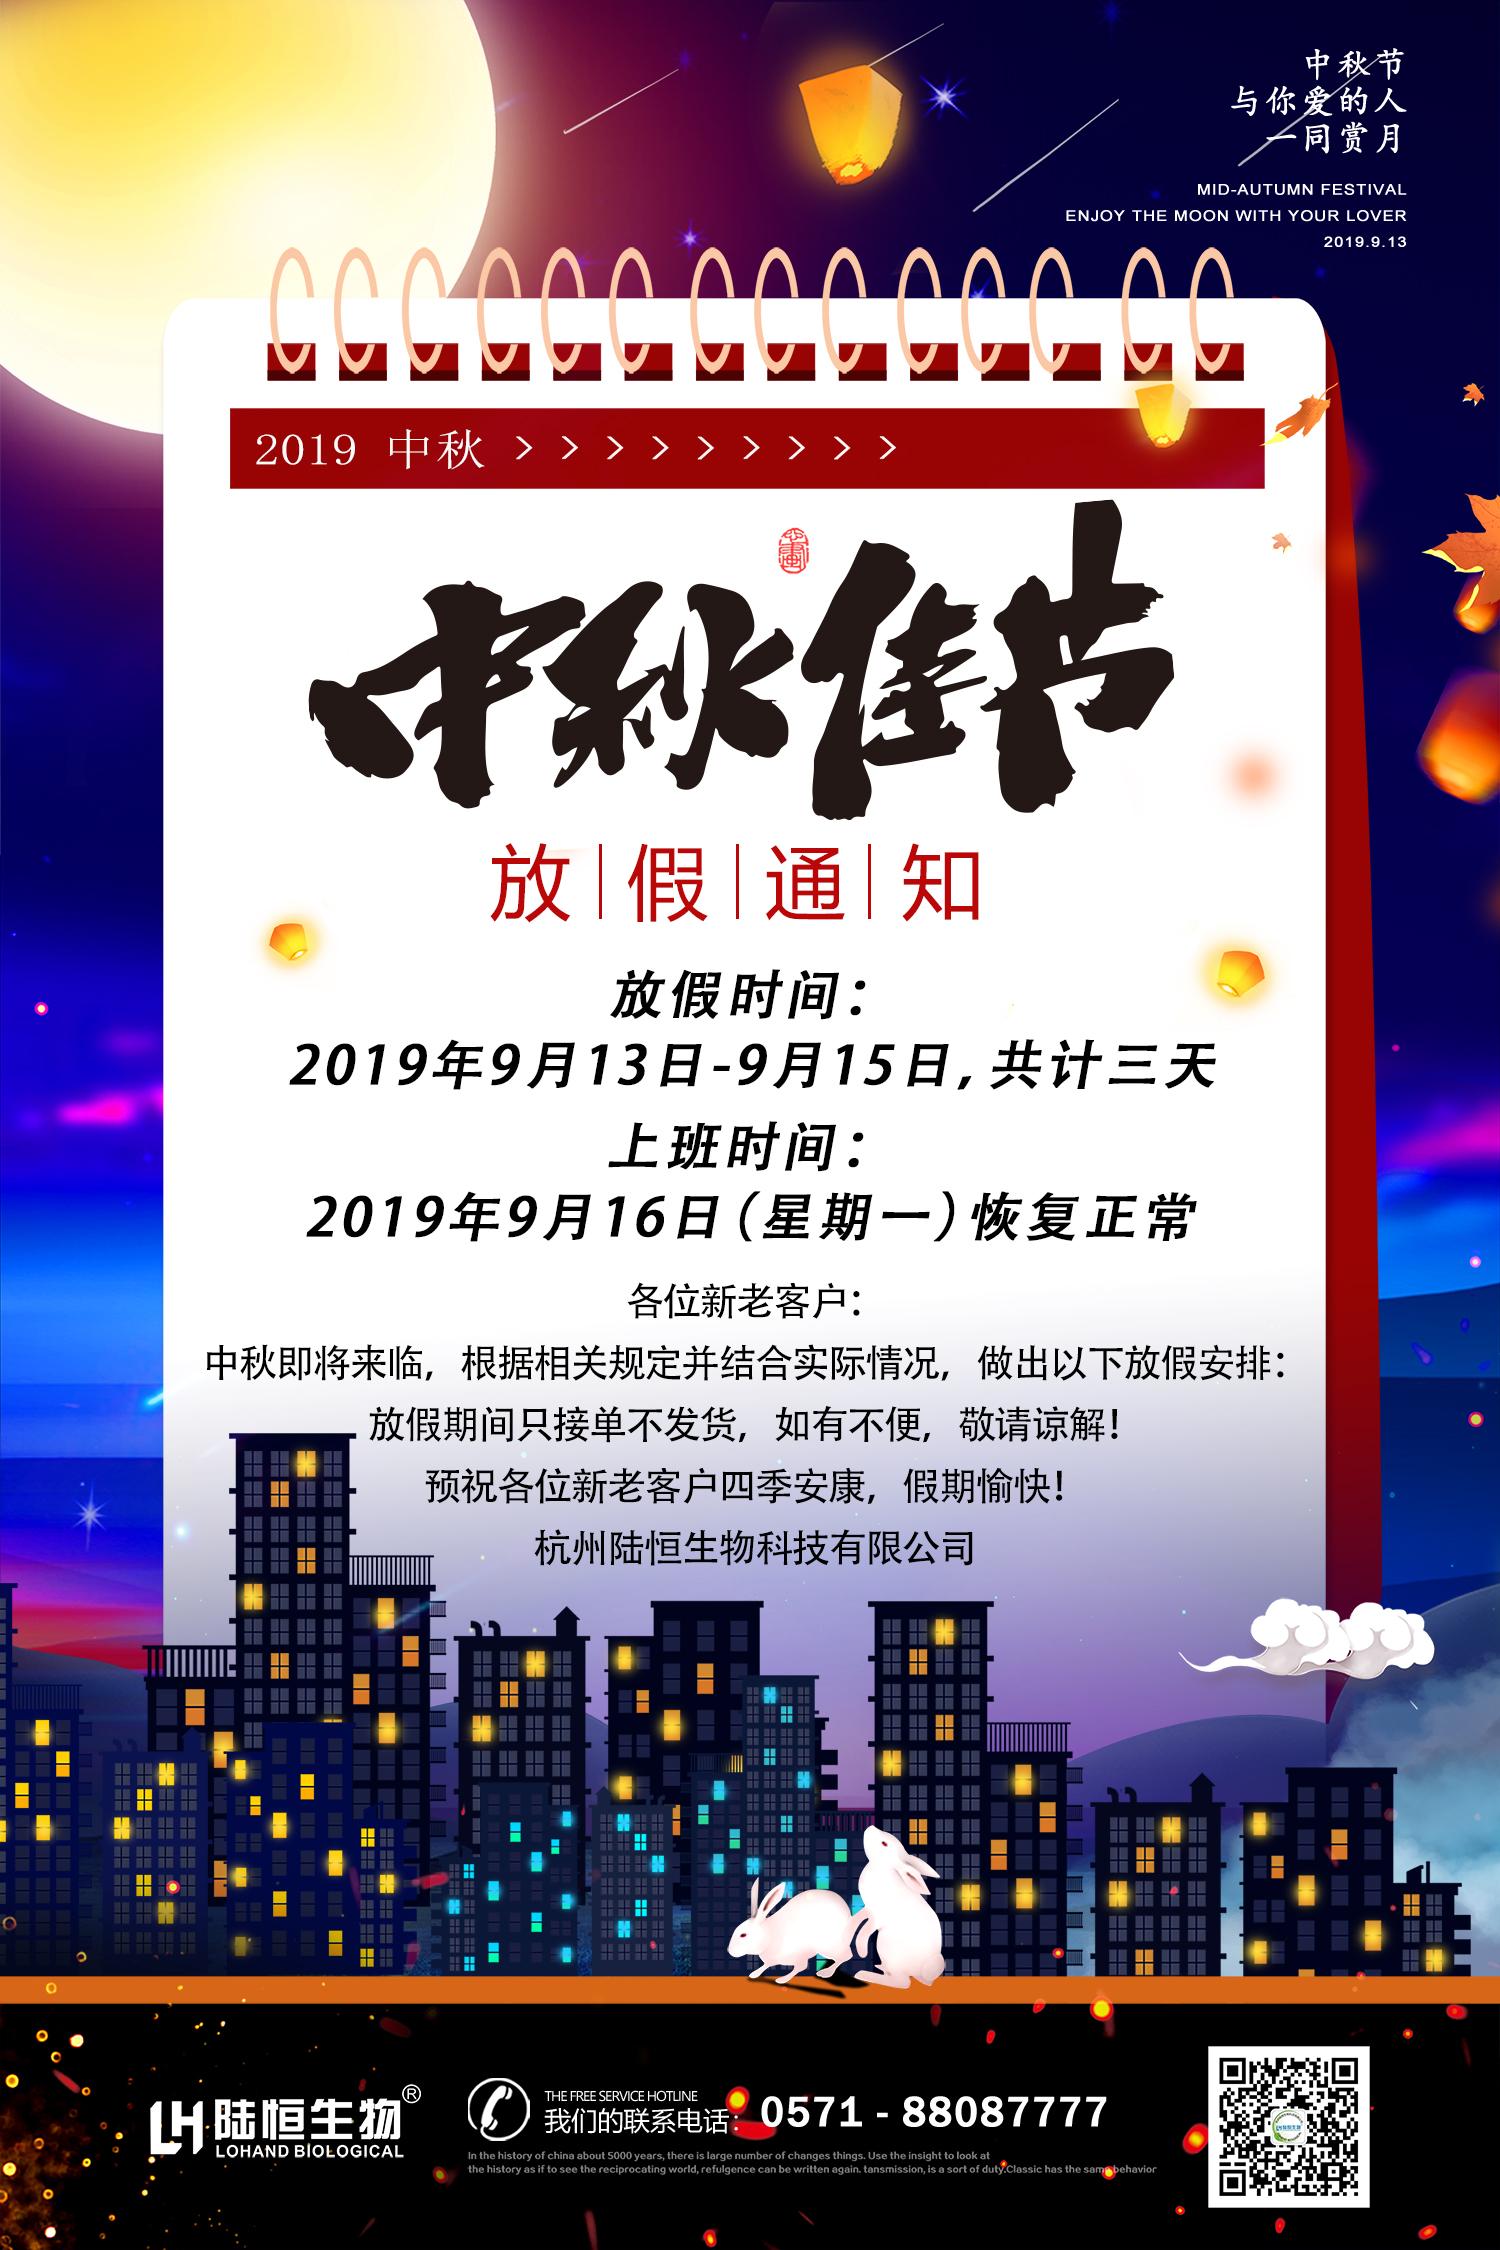 2019中秋放假通知